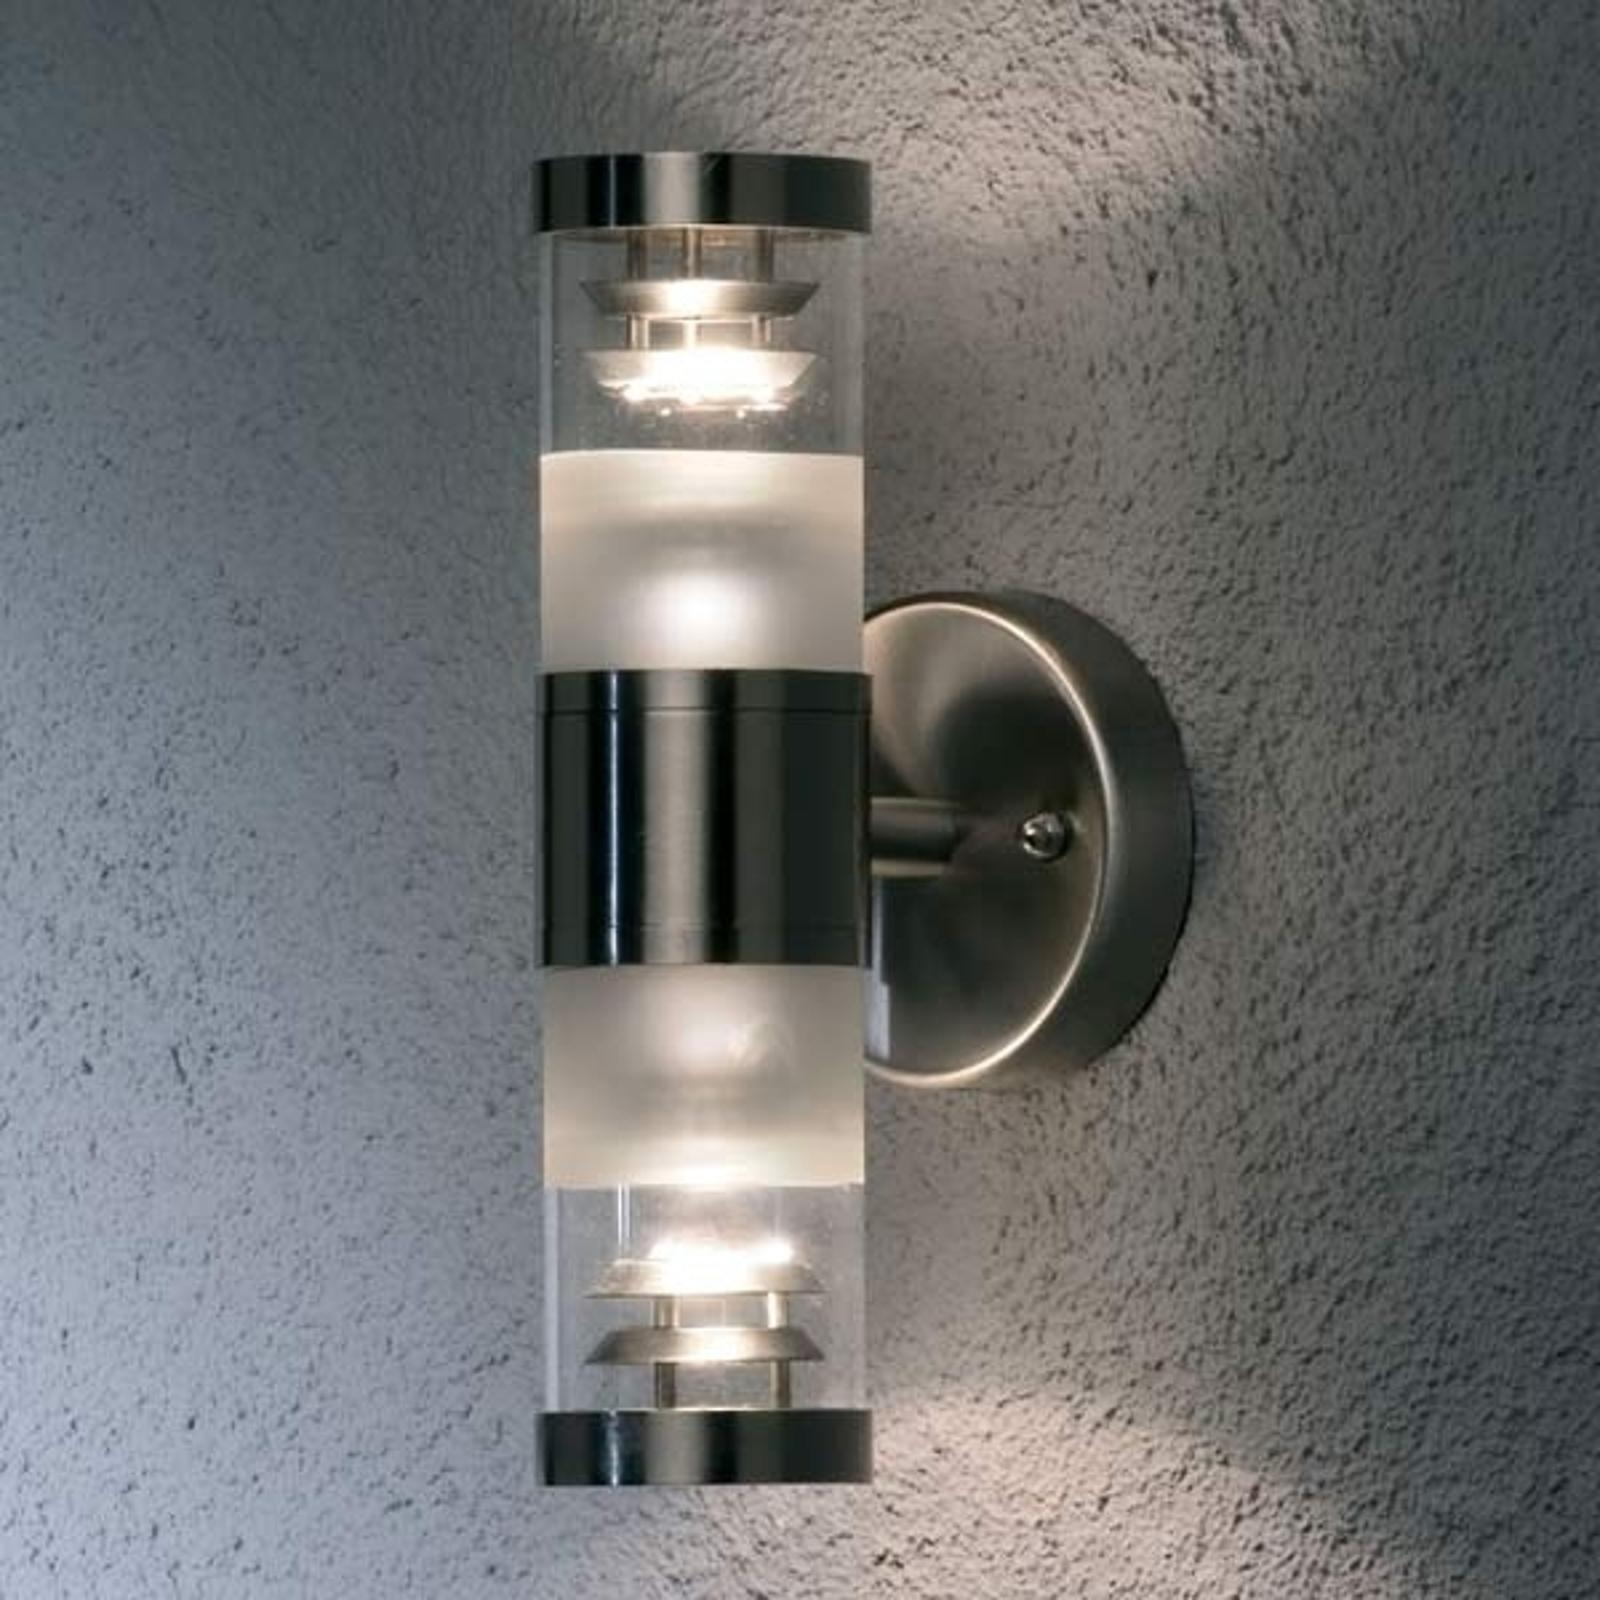 Bolzano - tweeflammige buitenwandlamp